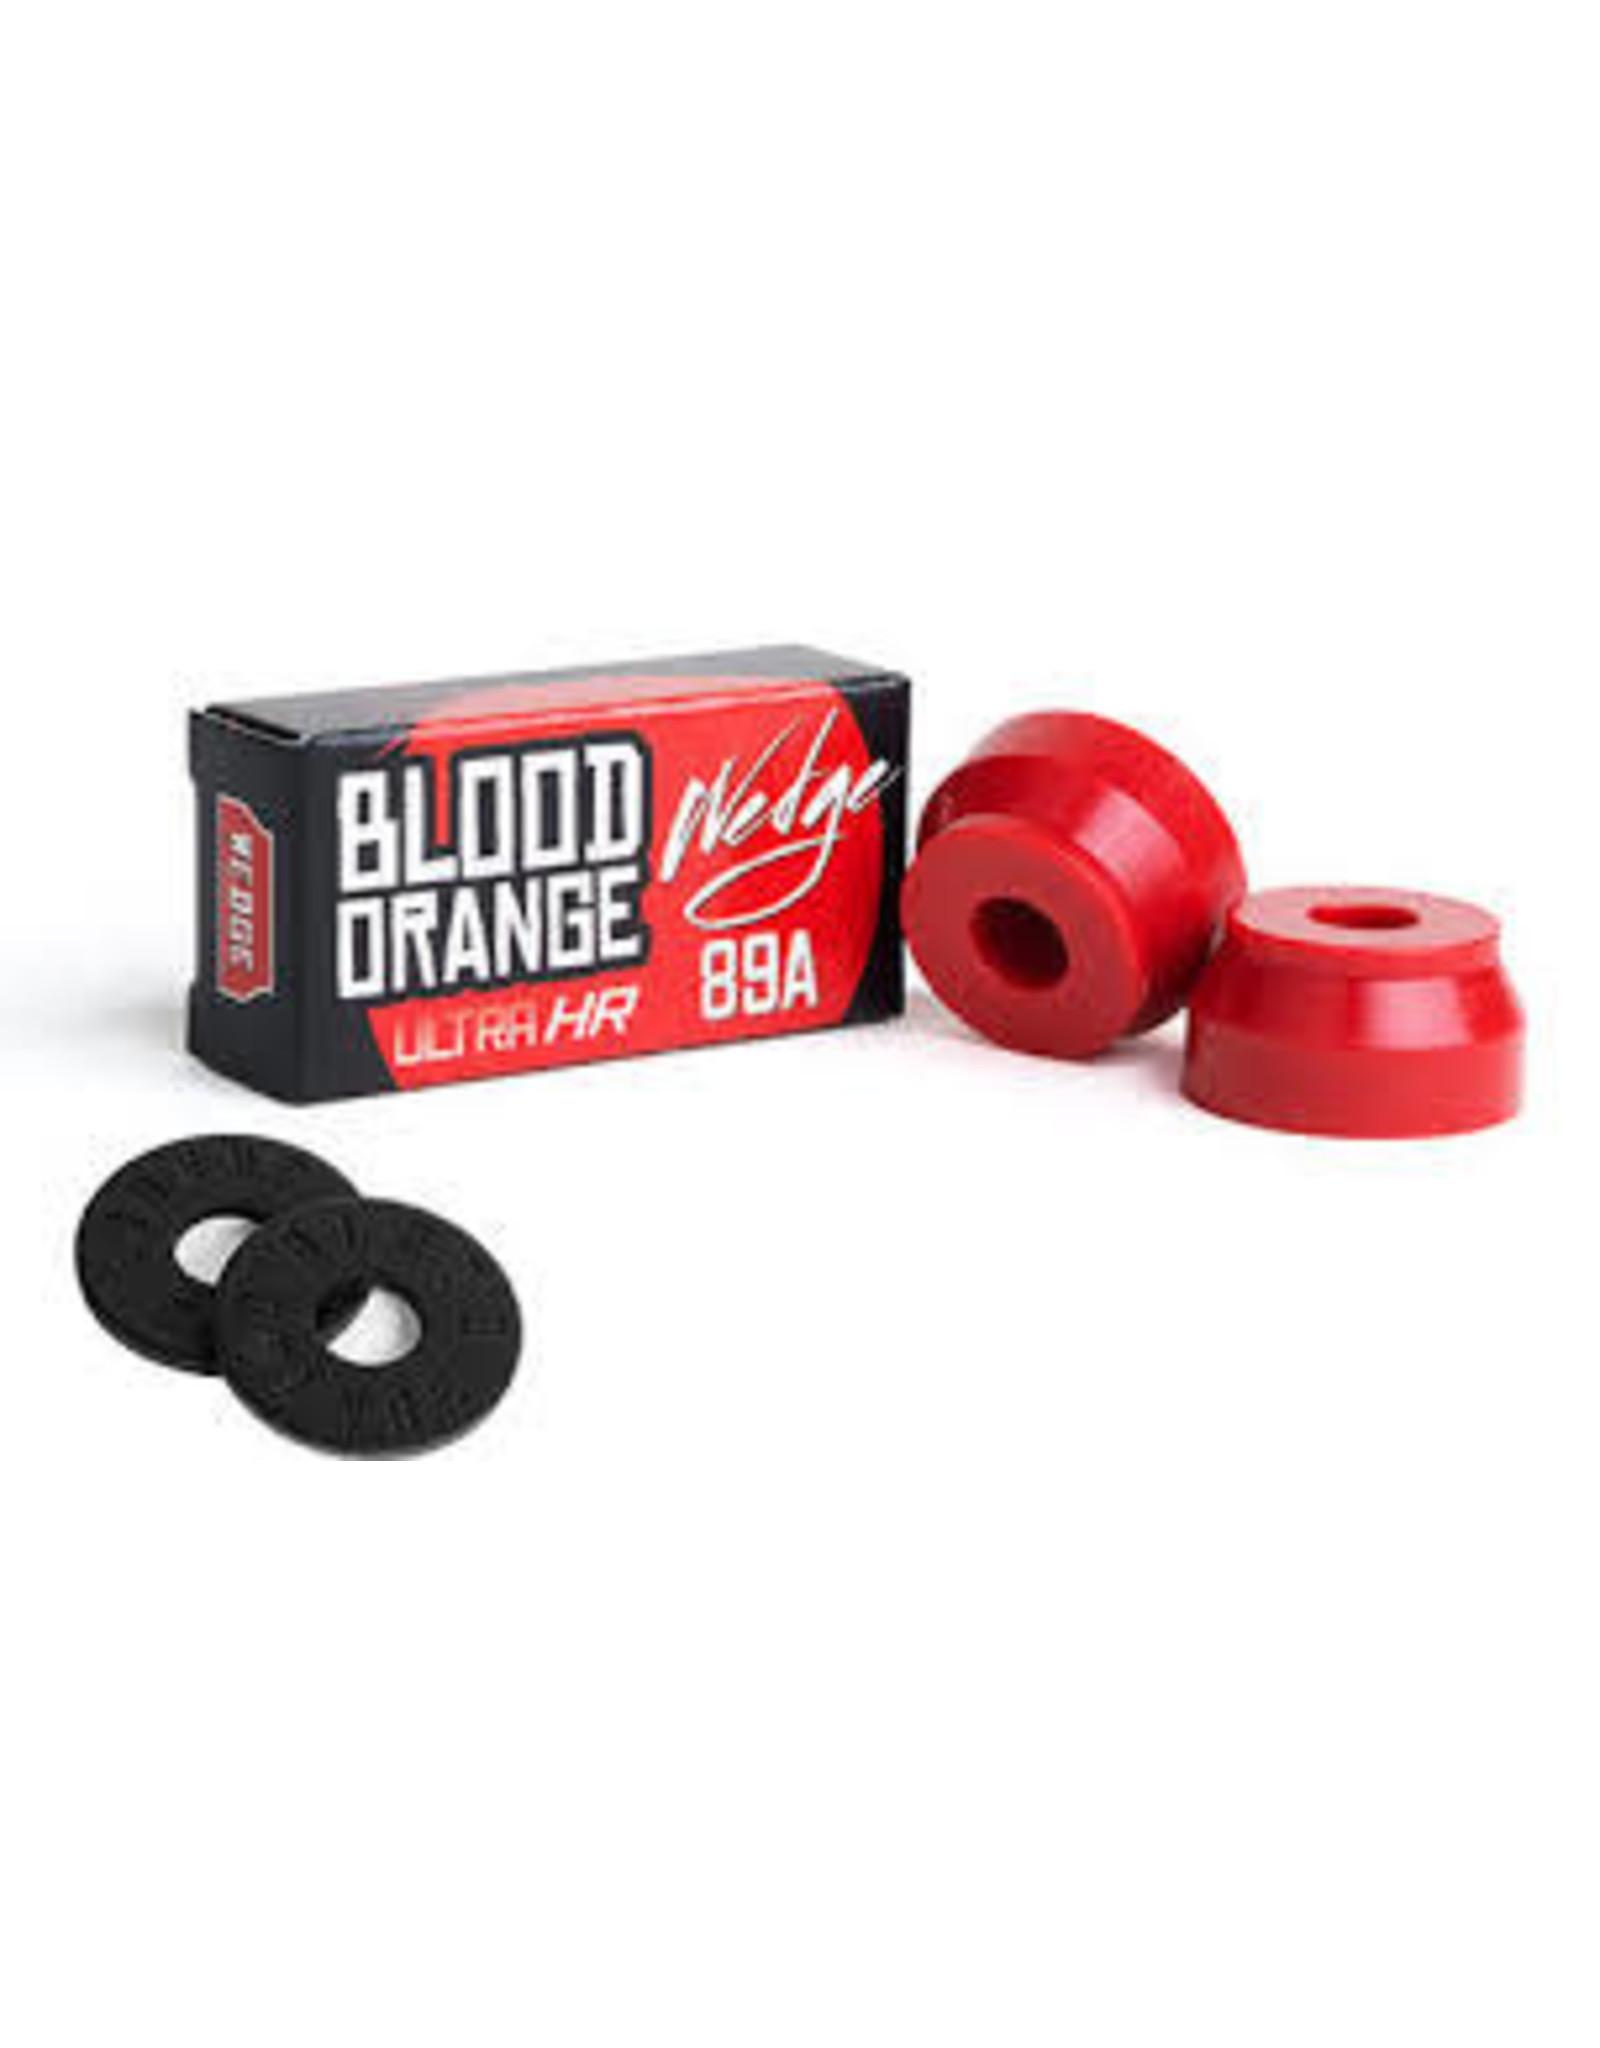 Blood orange - bushing wedge